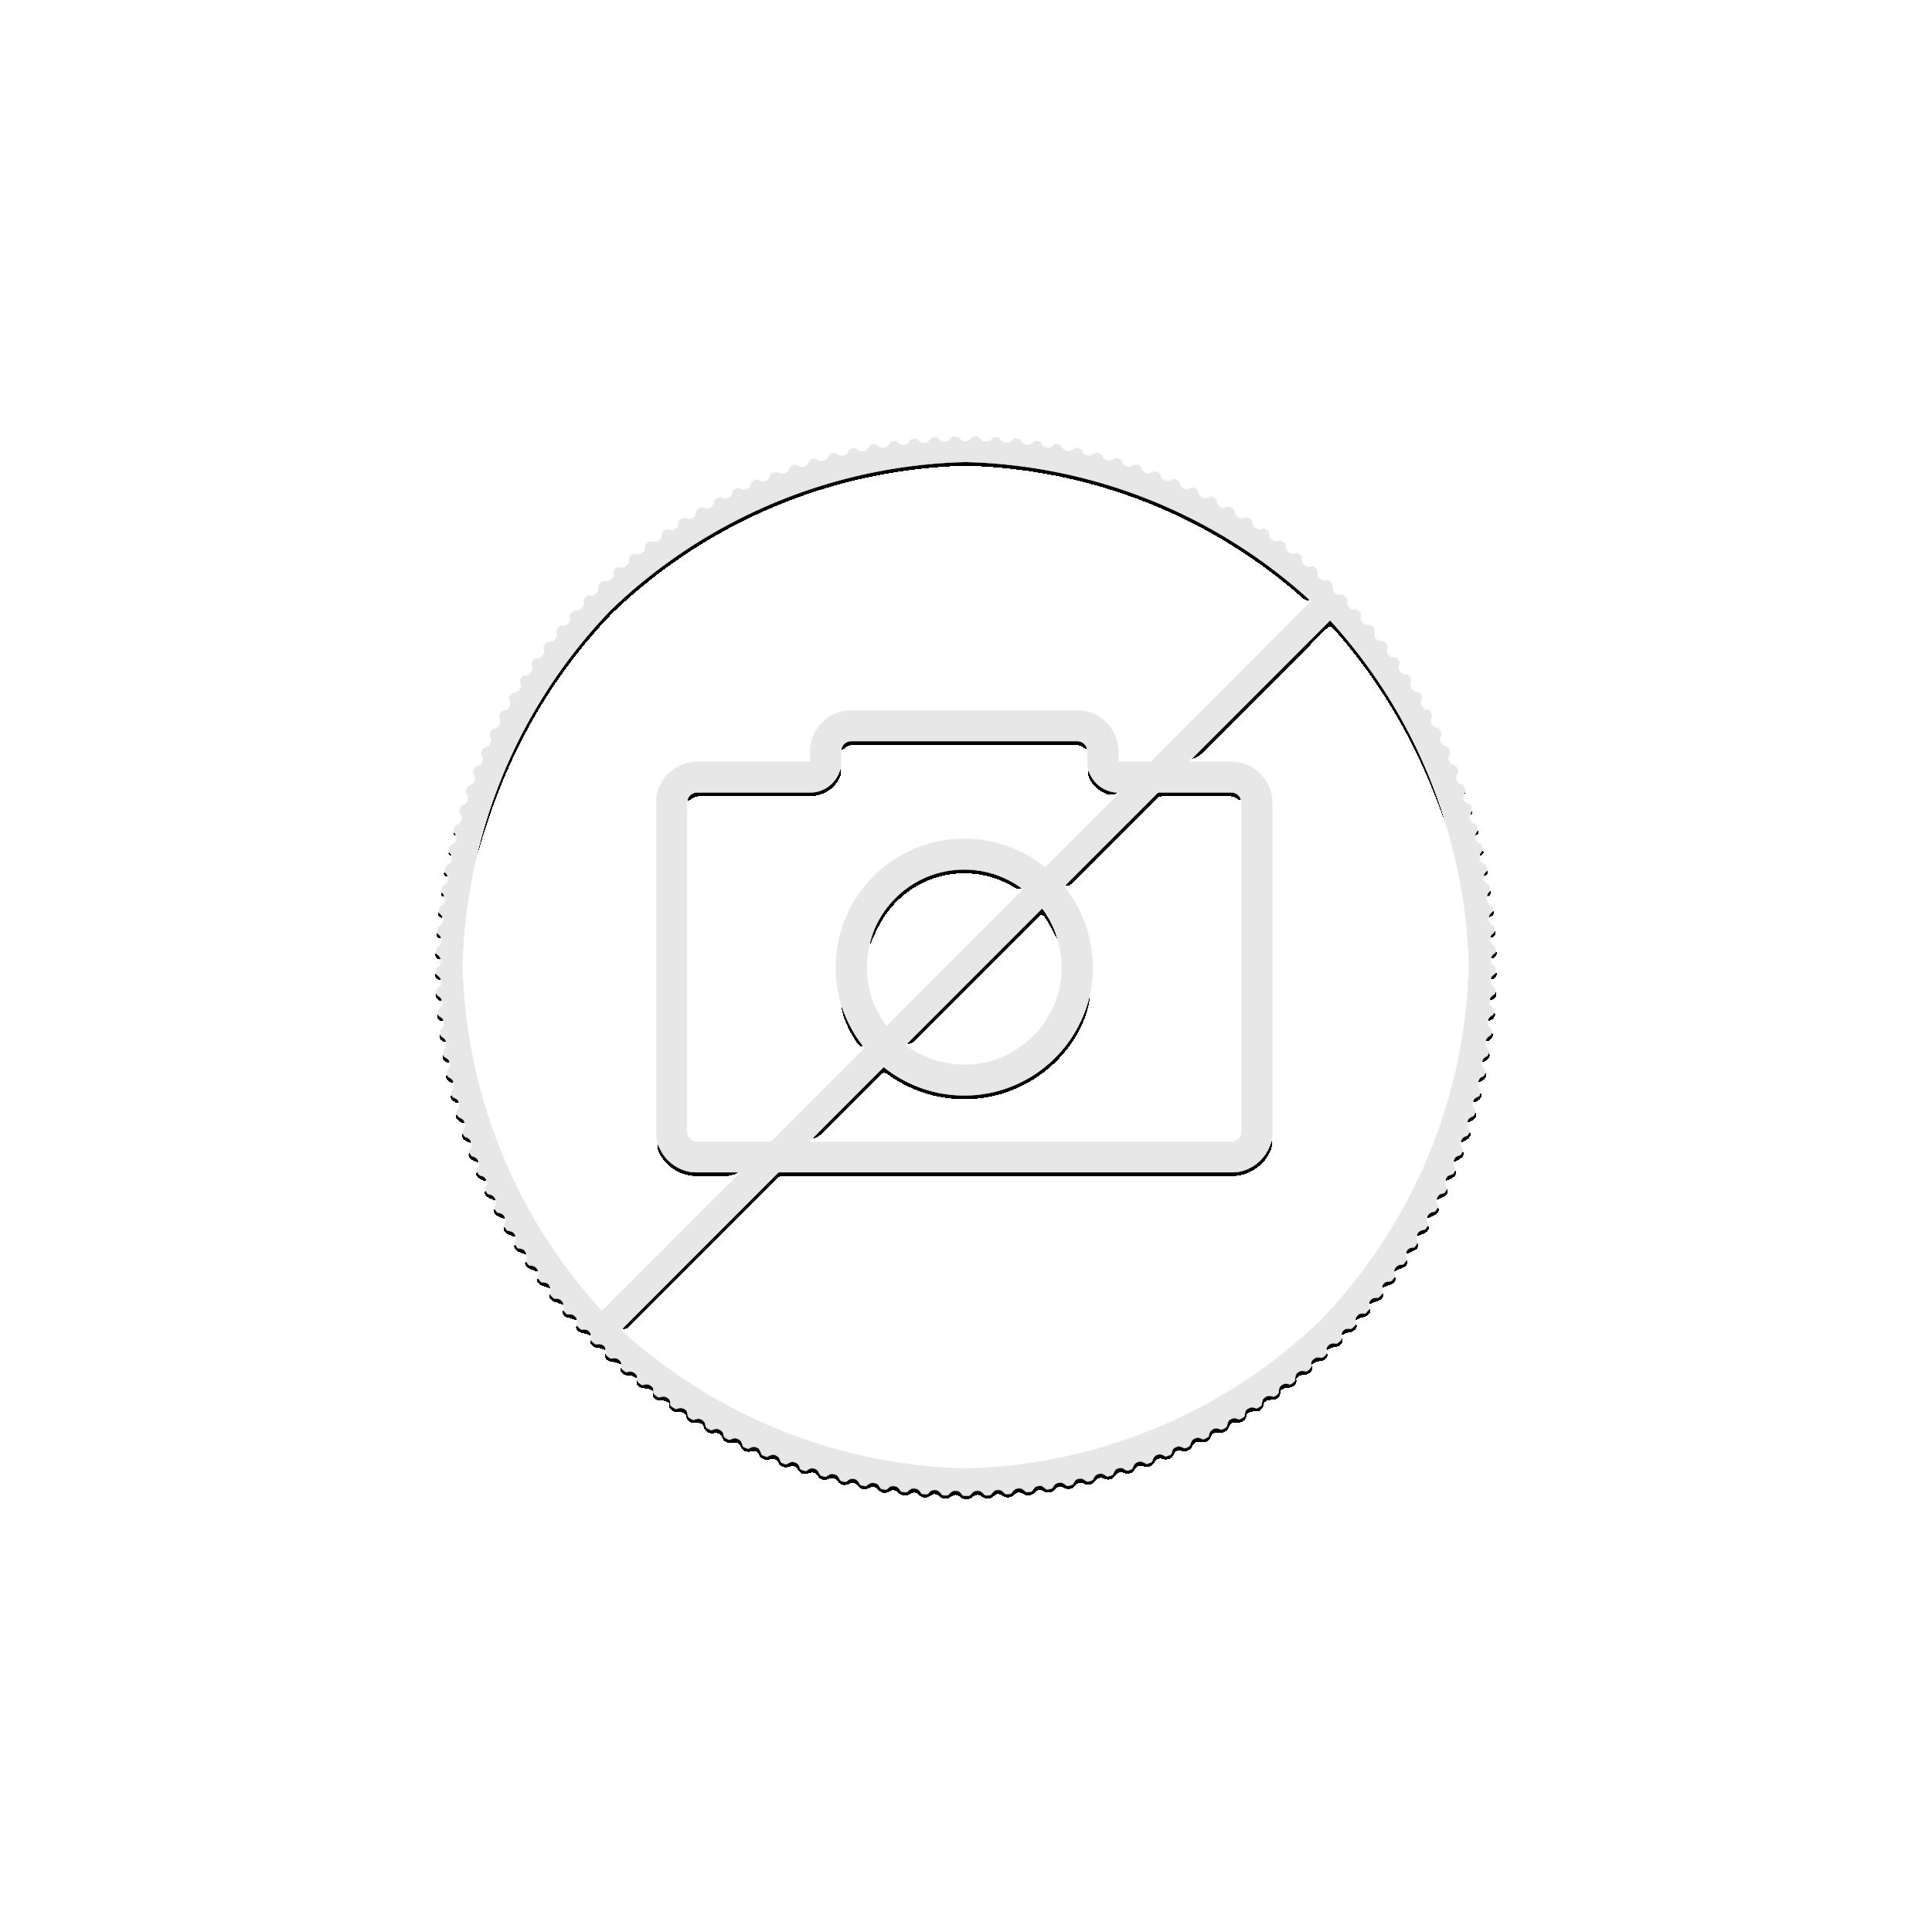 1 Troy ounce zilveren munt Kookaburra 2015